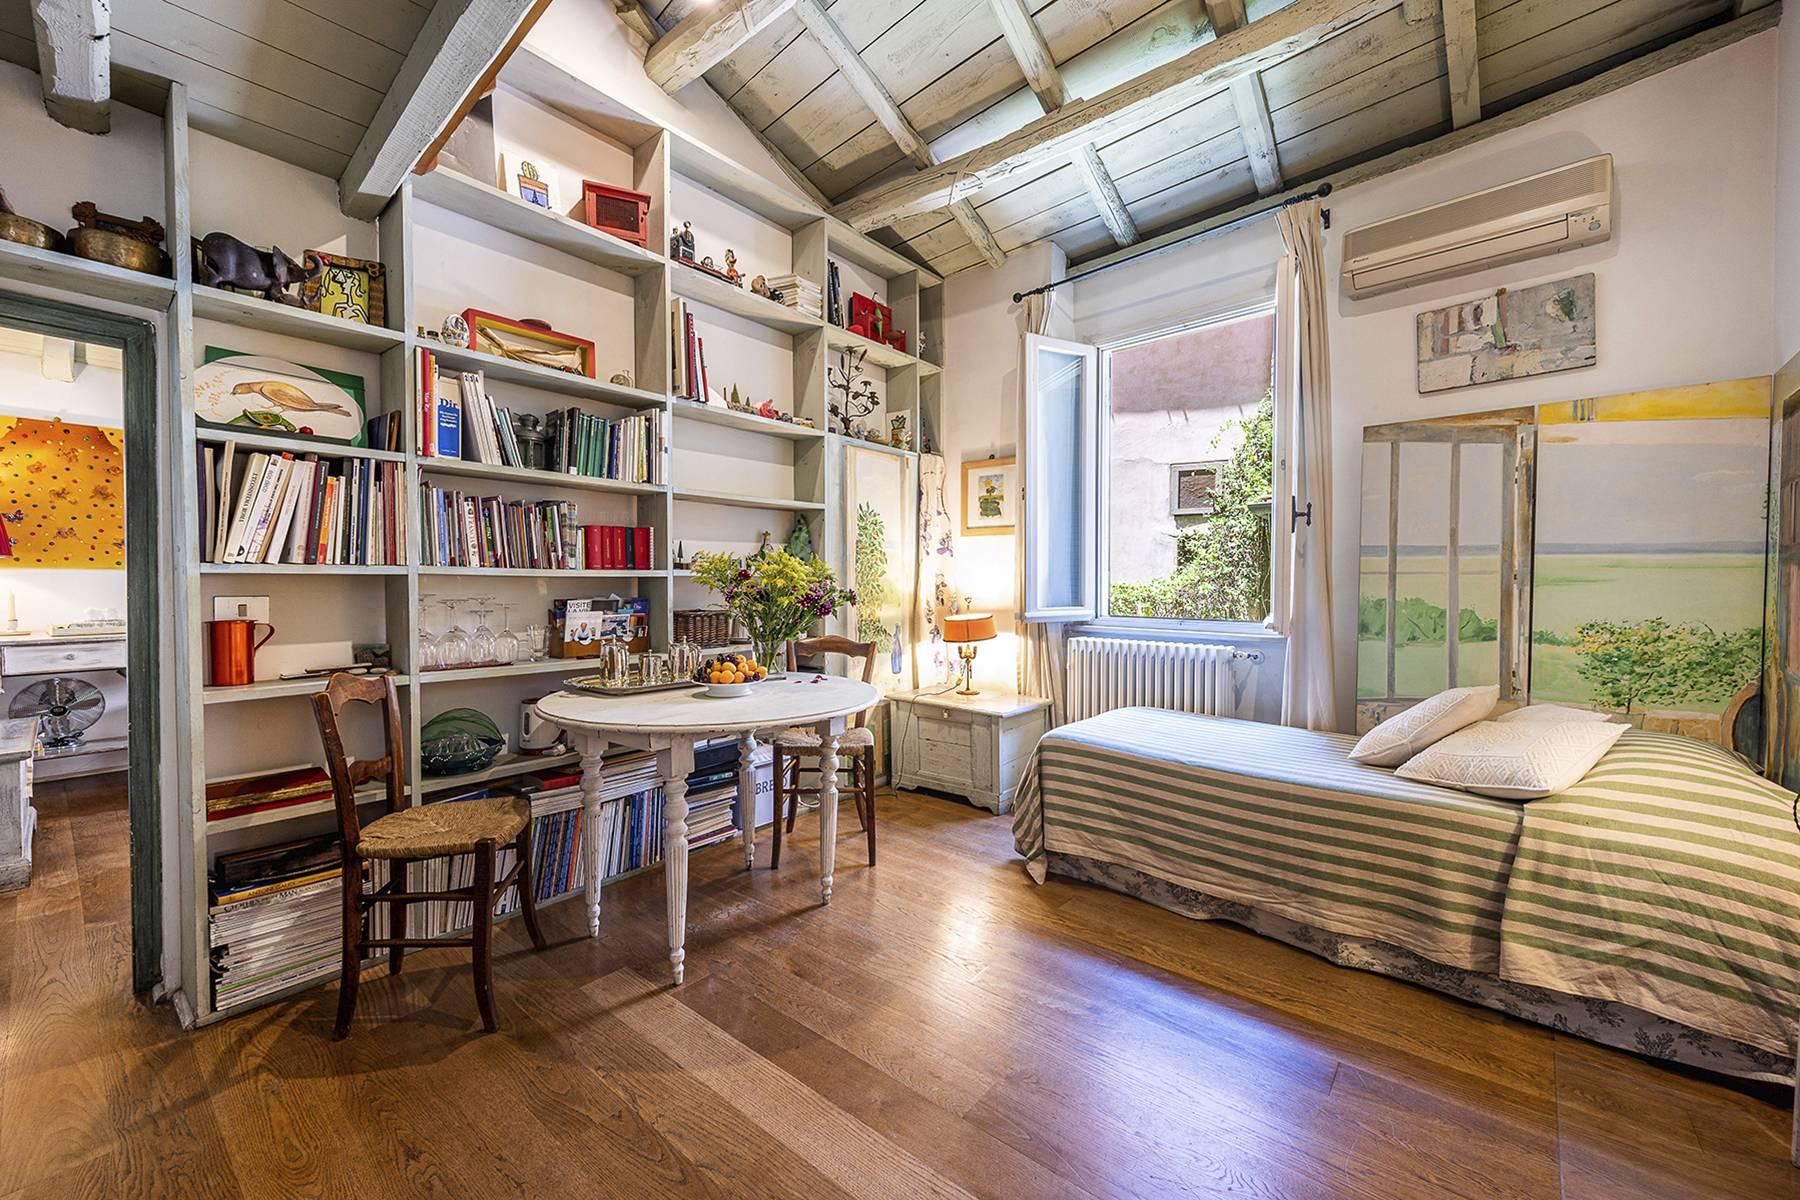 Casa indipendente in Vendita a Roma: 5 locali, 200 mq - Foto 16